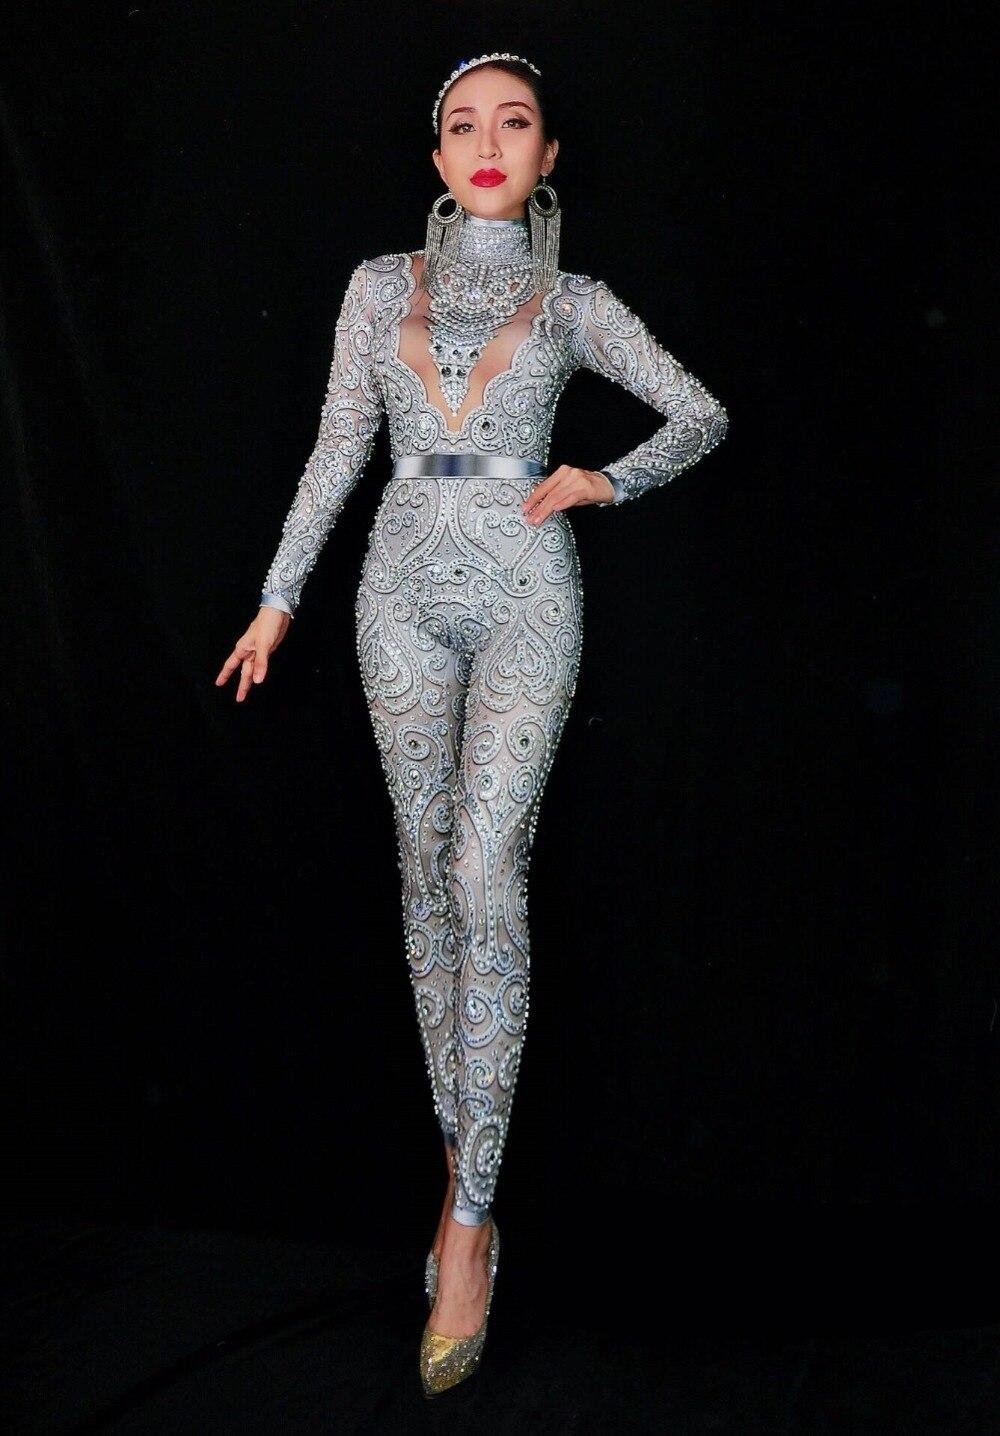 Высококачественный Женский серебристо серый комбинезон с кристаллами, сексуальный стрейчевый обтягивающий боди с жемчужинами, певица, бар